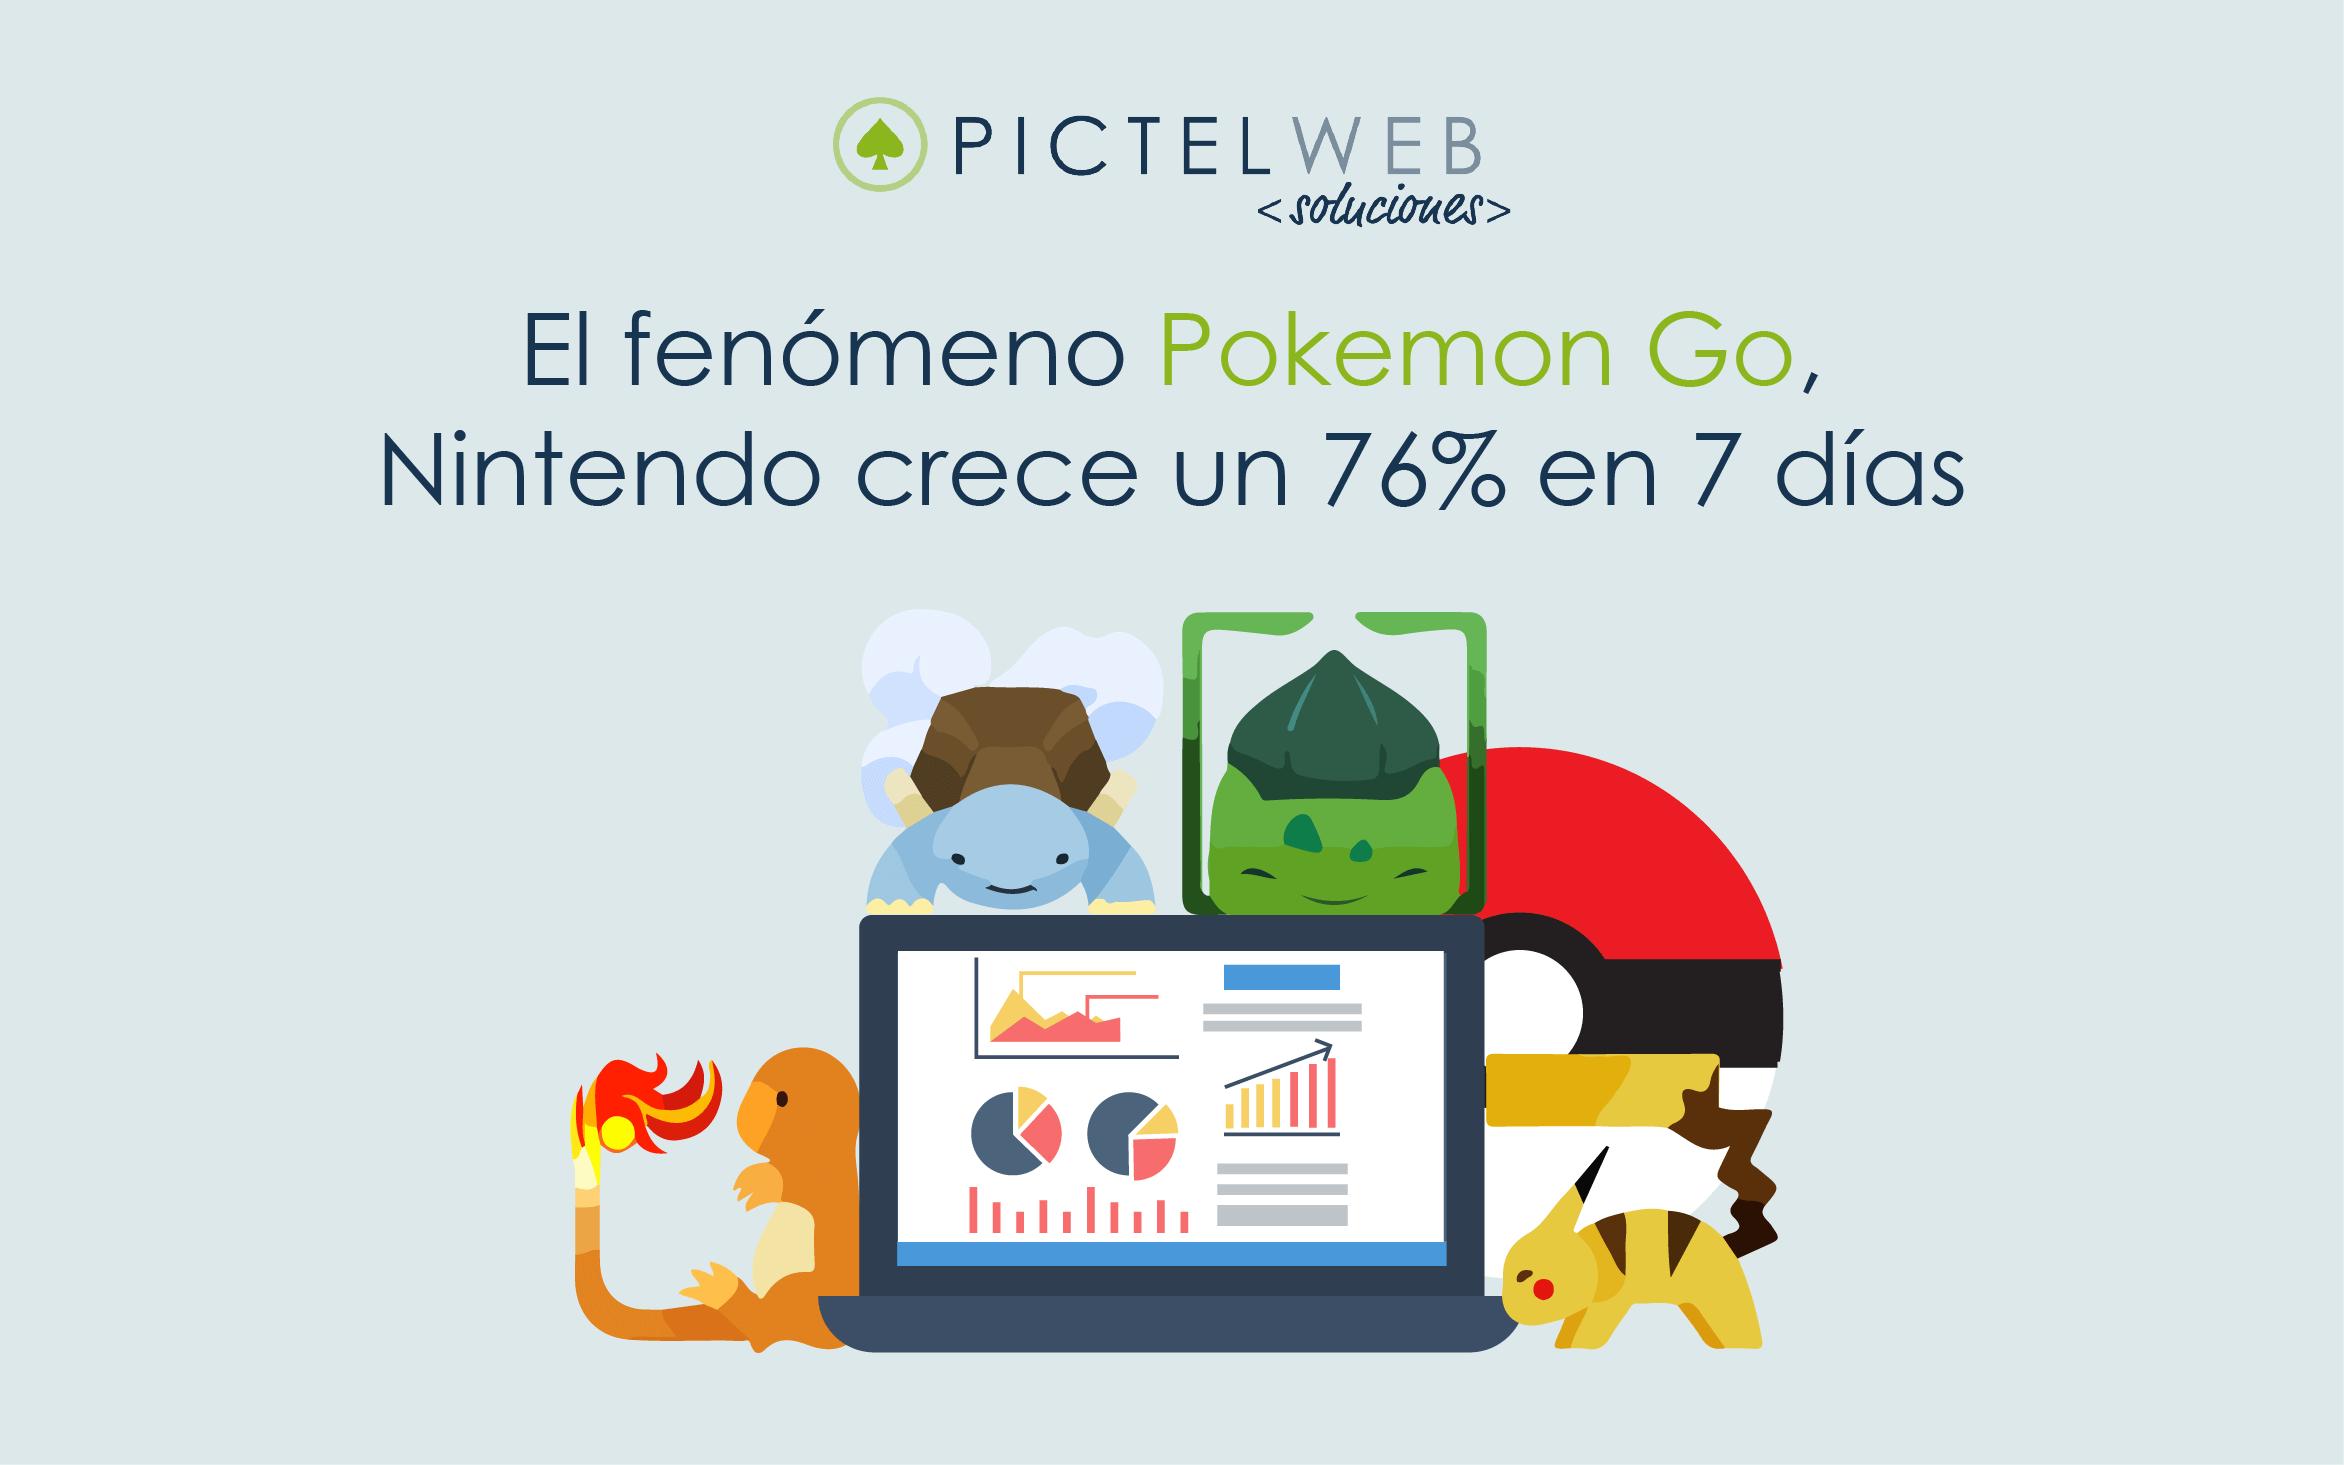 El fenómeno Pokémon Go, Nintendo crece un 76% en 7 días